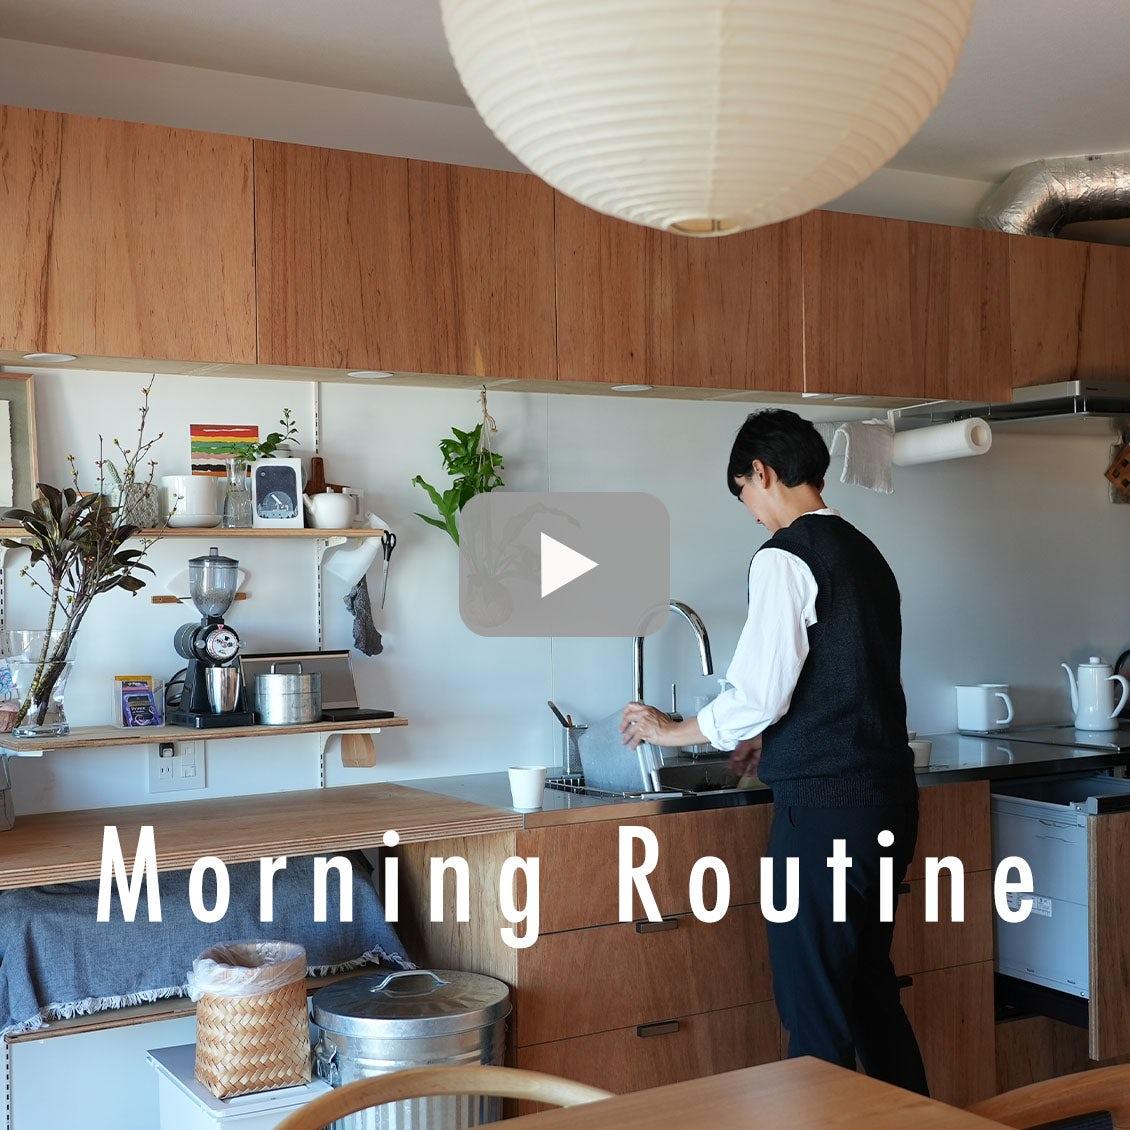 【わたしの朝習慣】寝室を出たらまずは洗濯物から。家事をラクに進める一直線の動線って?